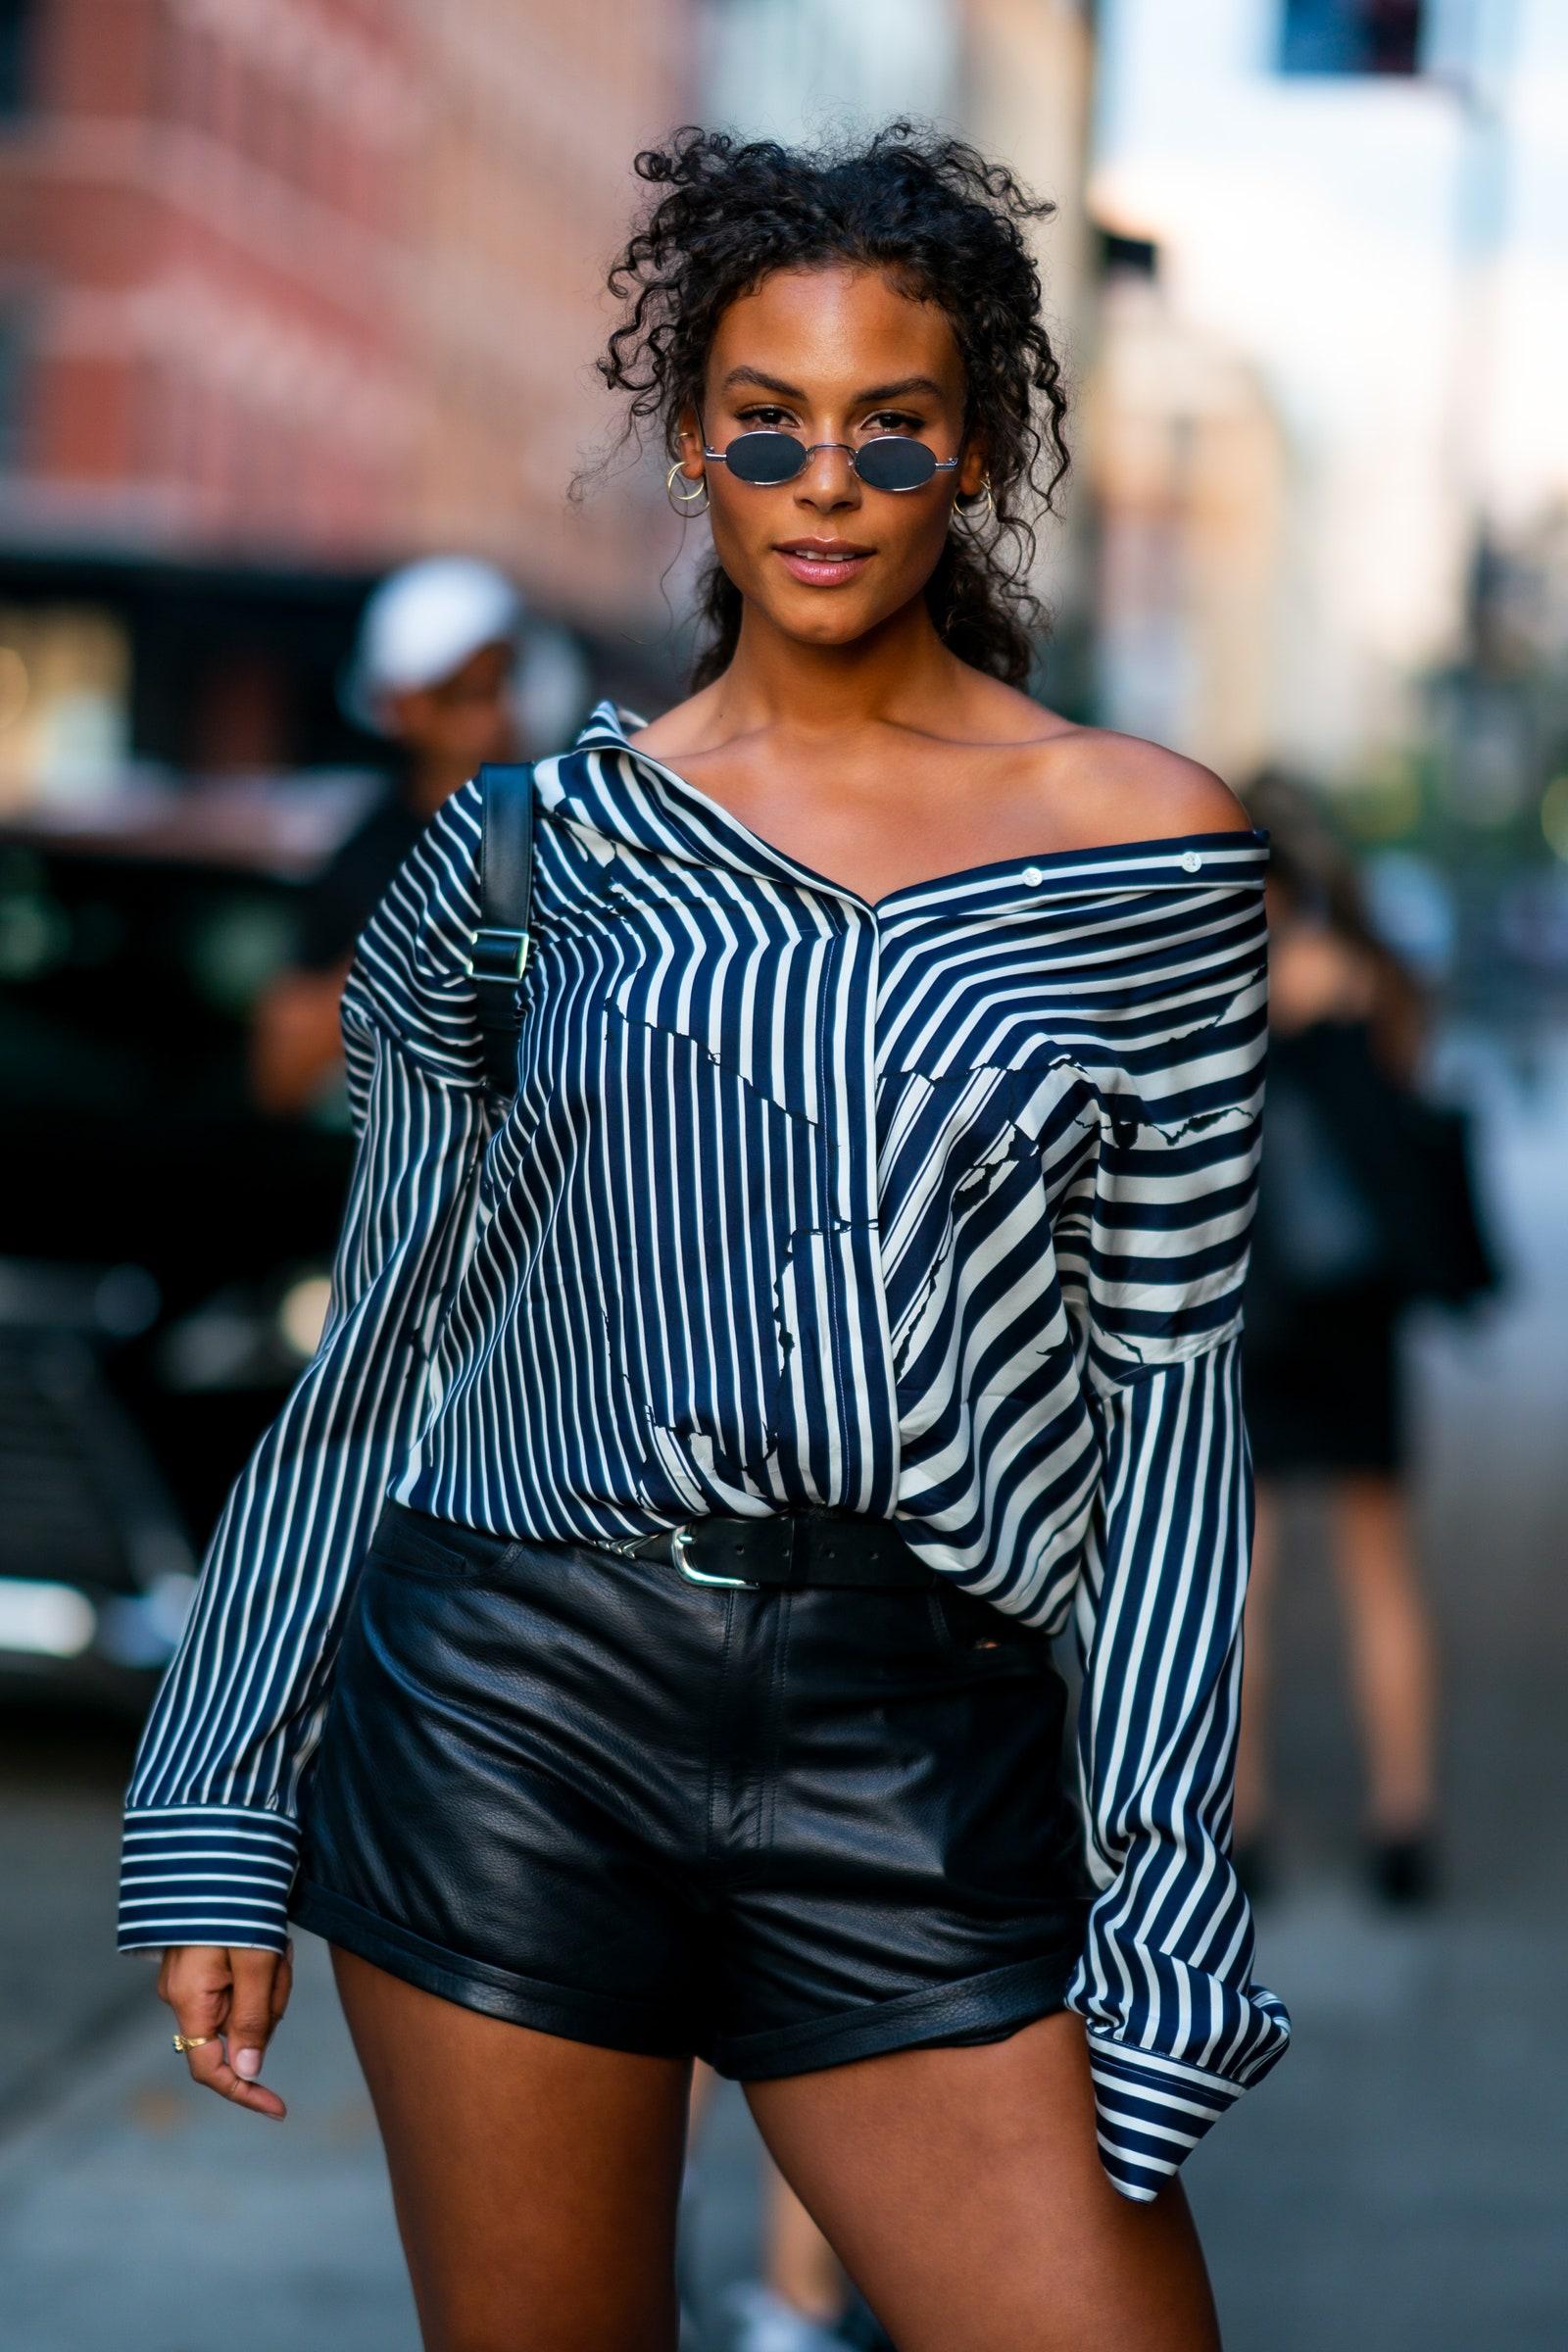 Cách mặc đẹp với áo sơ mi kẻ dọc màu xanh và quần shorts da màu đen